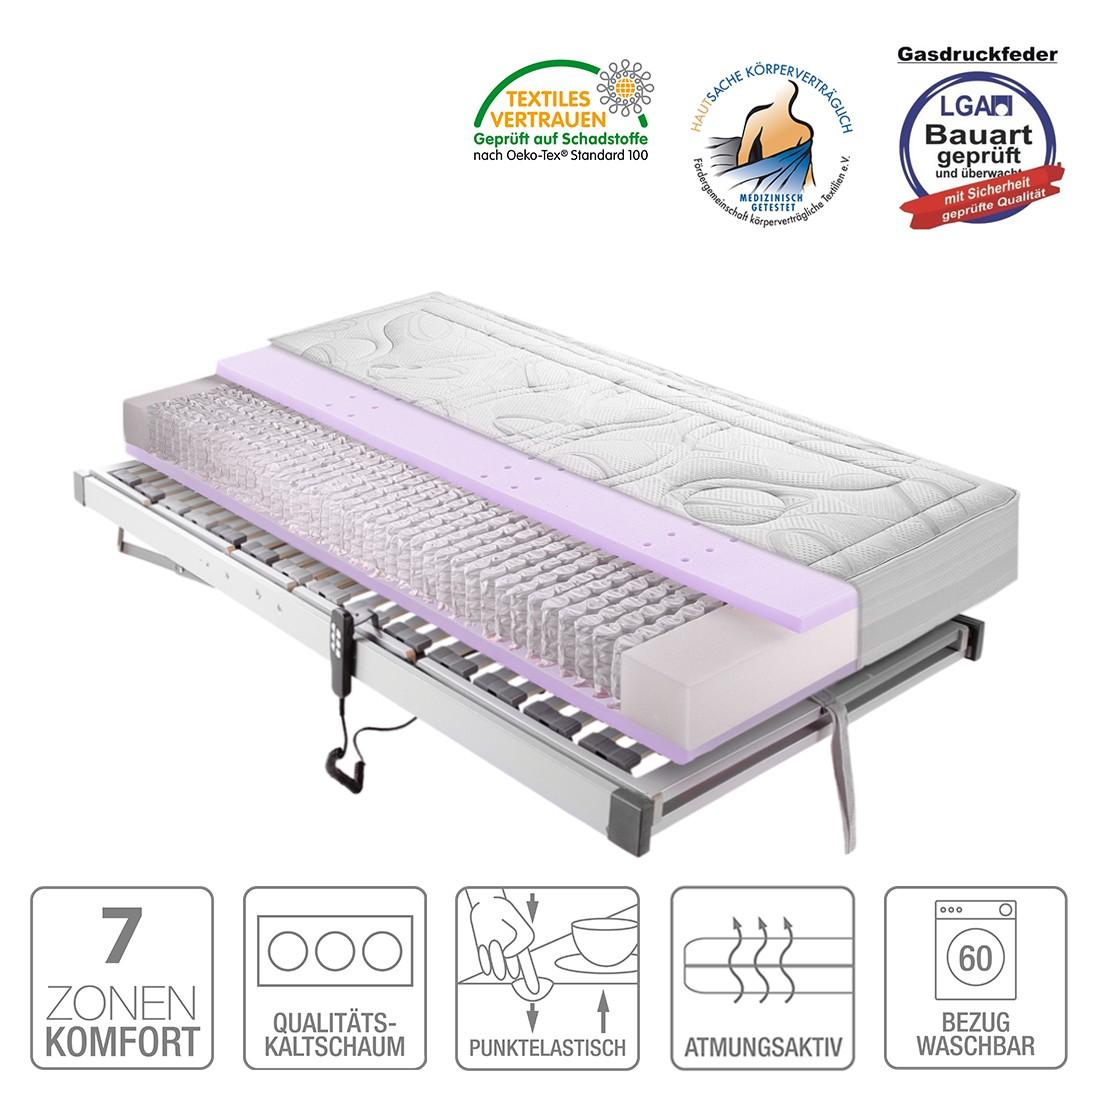 Sparset Sleep Gel 4 – Taschfederkernmatratze & Lattenrost Silver (elektrisch verstellbar) – 120 x 200cm – H2 bis 80 kg, Breckle online kaufen